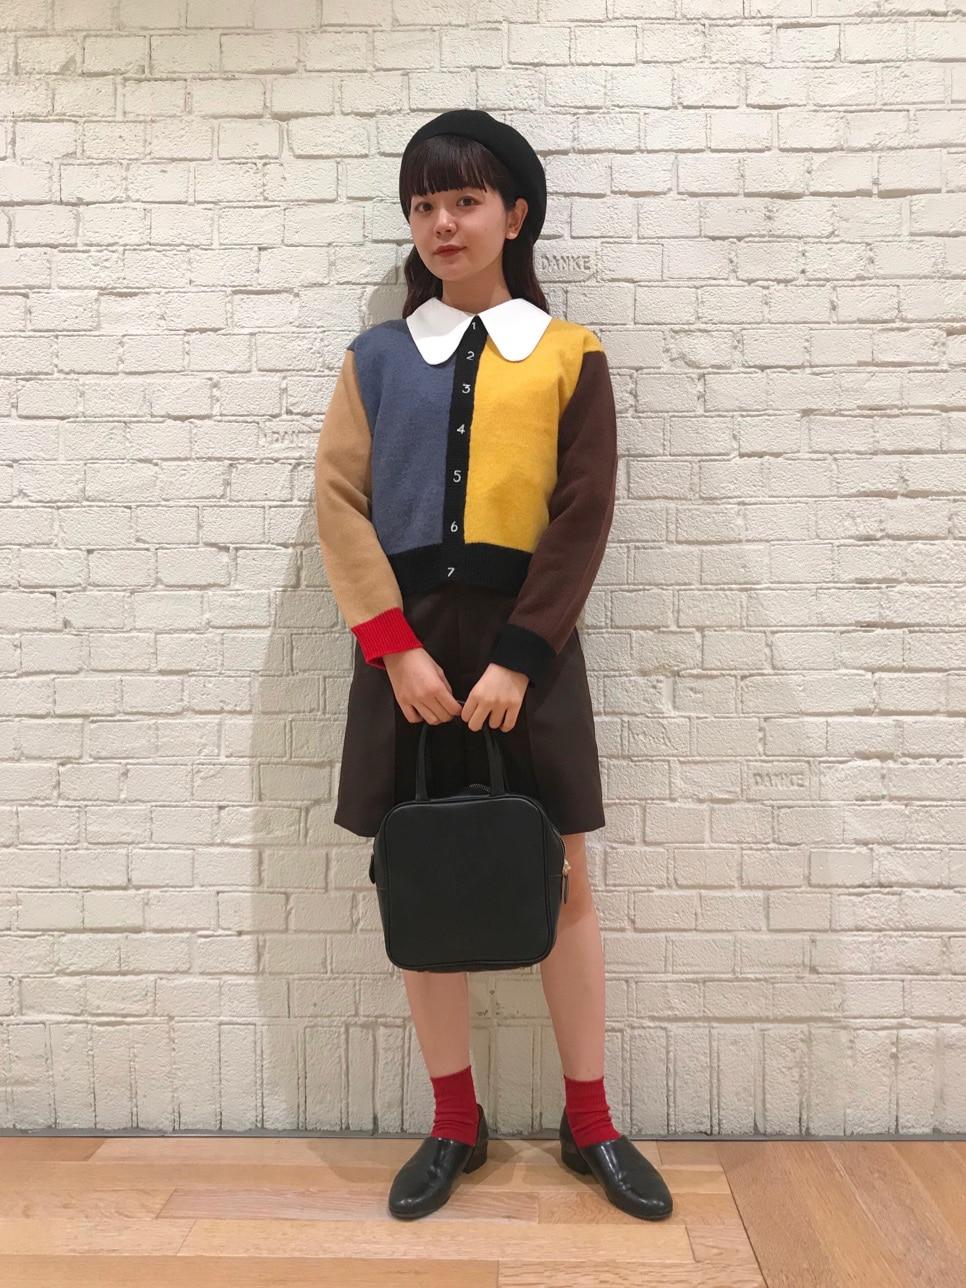 l'atelier du savon 東京スカイツリータウン・ソラマチ 身長:154cm 2020.09.14